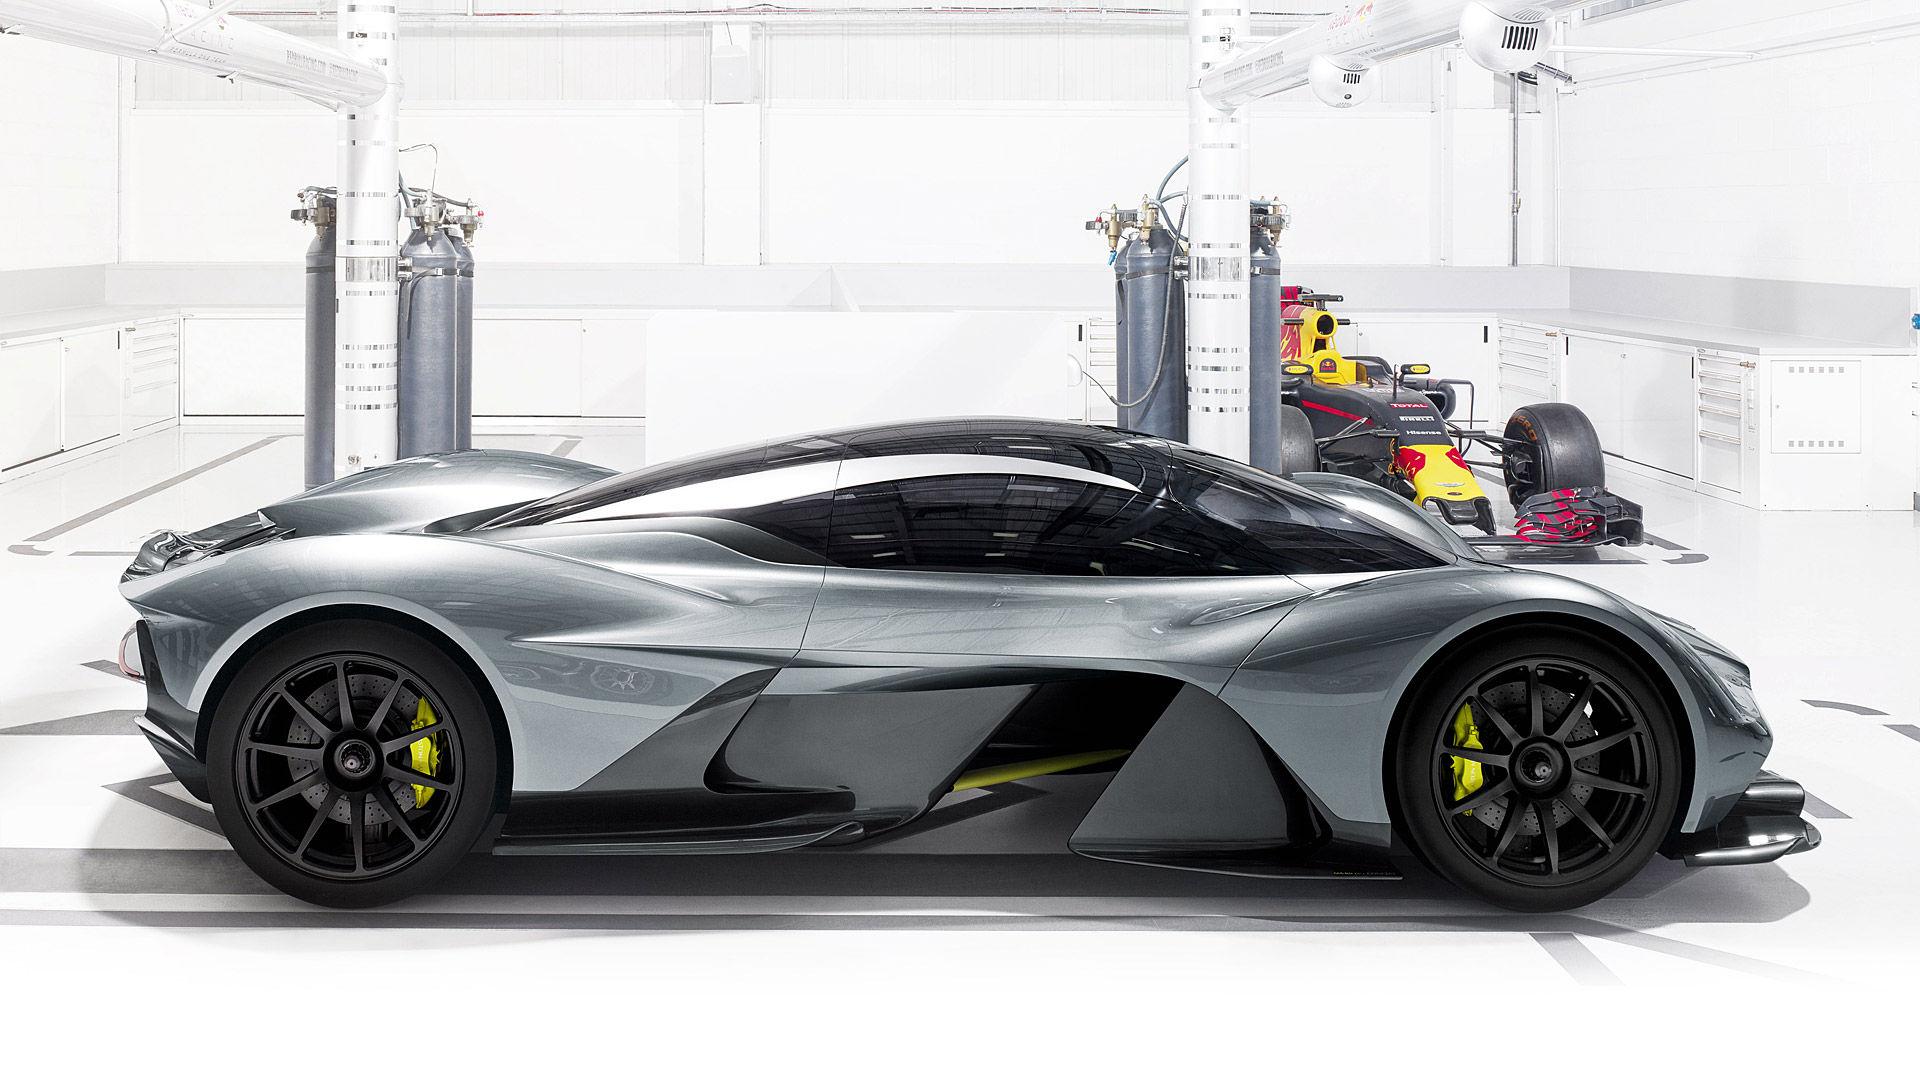 2016 Aston Martin AM-RB 001 Concept